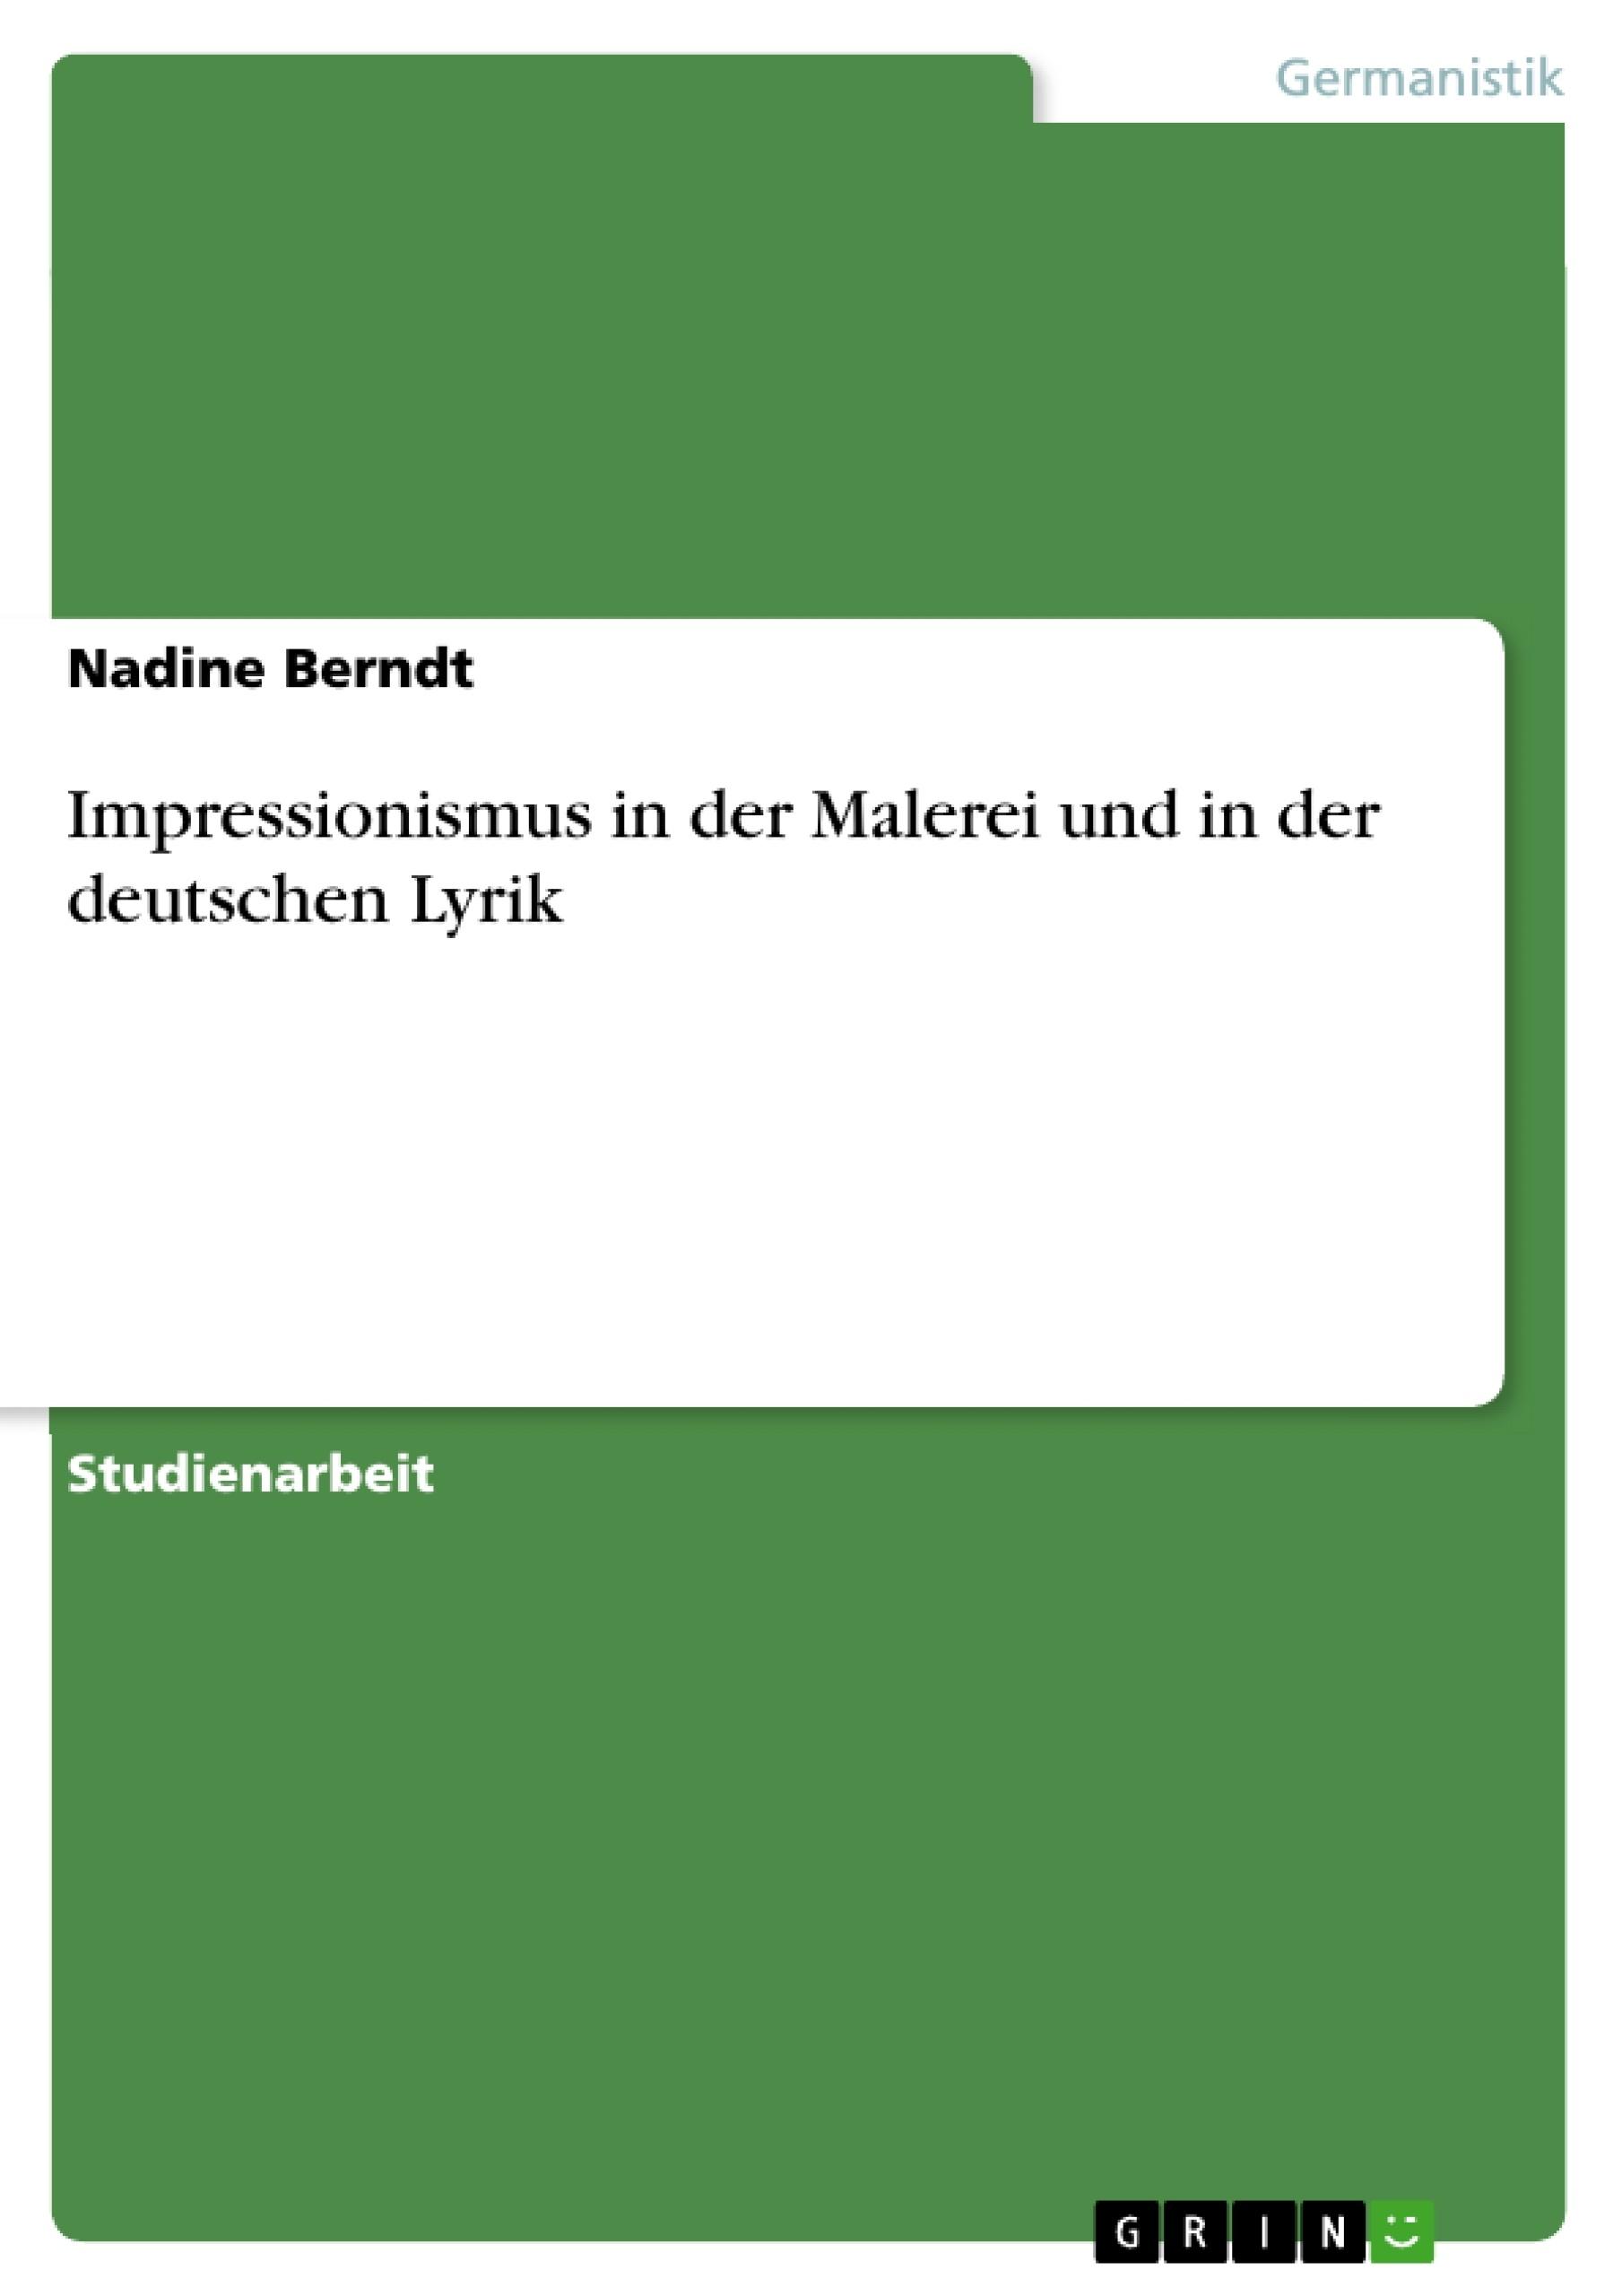 Titel: Impressionismus in der Malerei und in der deutschen Lyrik